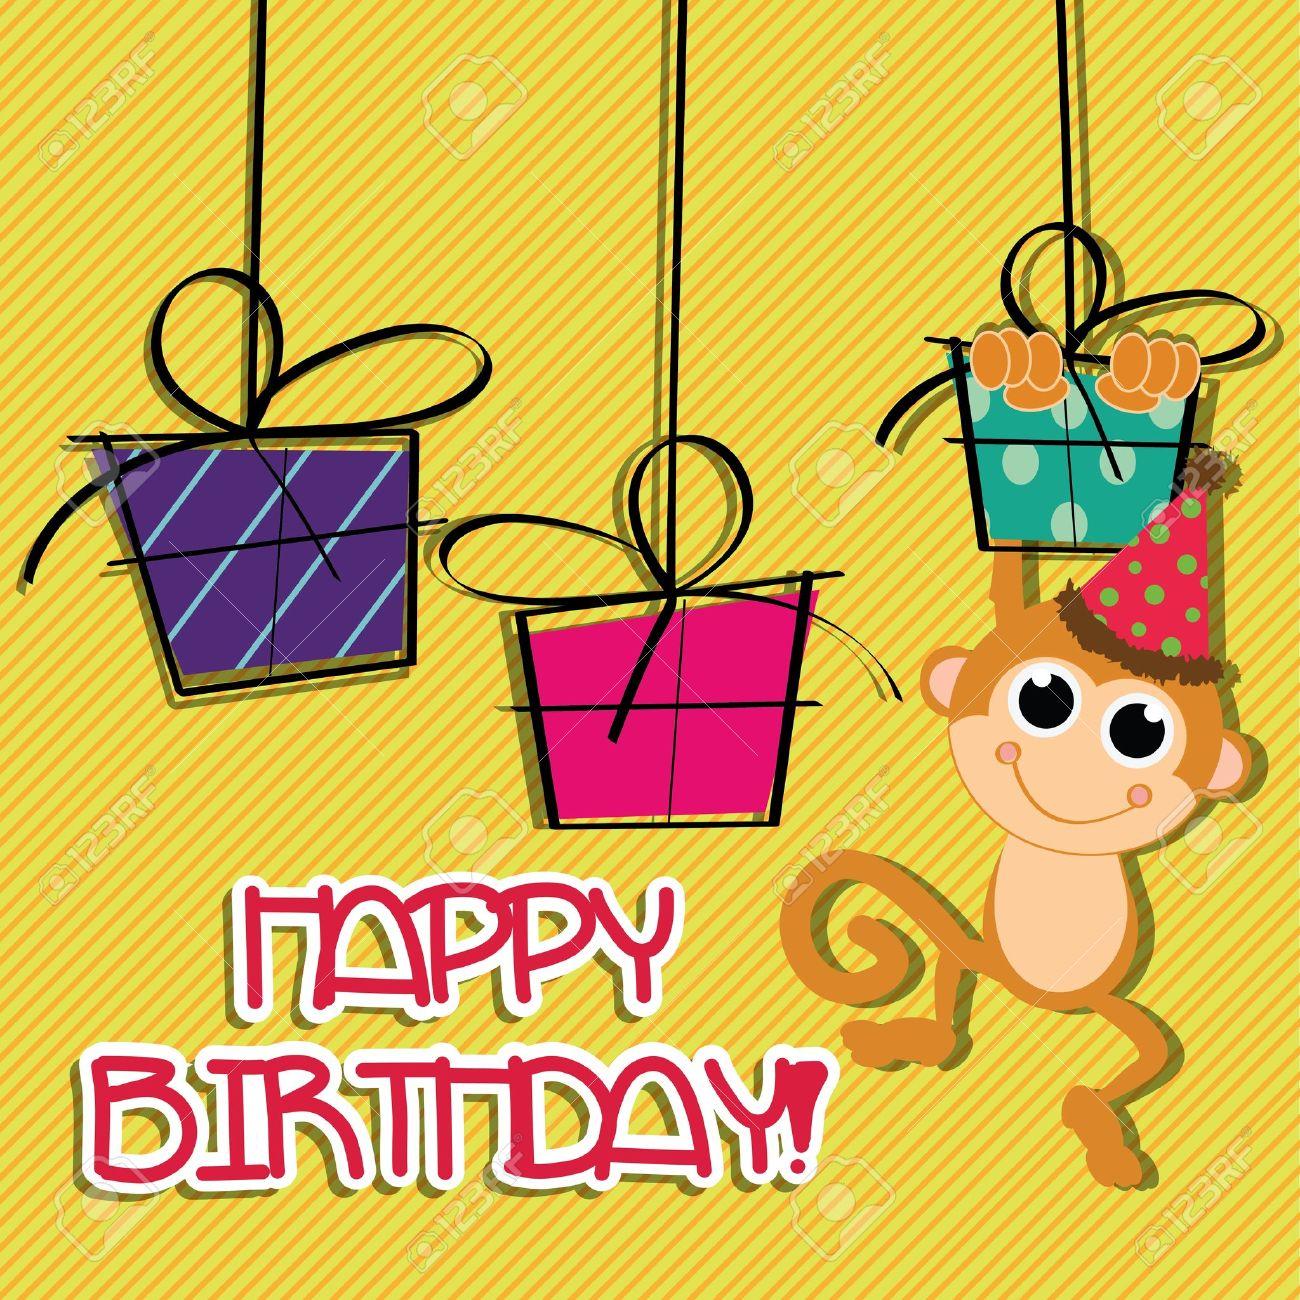 Showing post media for Cartoon happy birthday monkey – Monkey Birthday Card